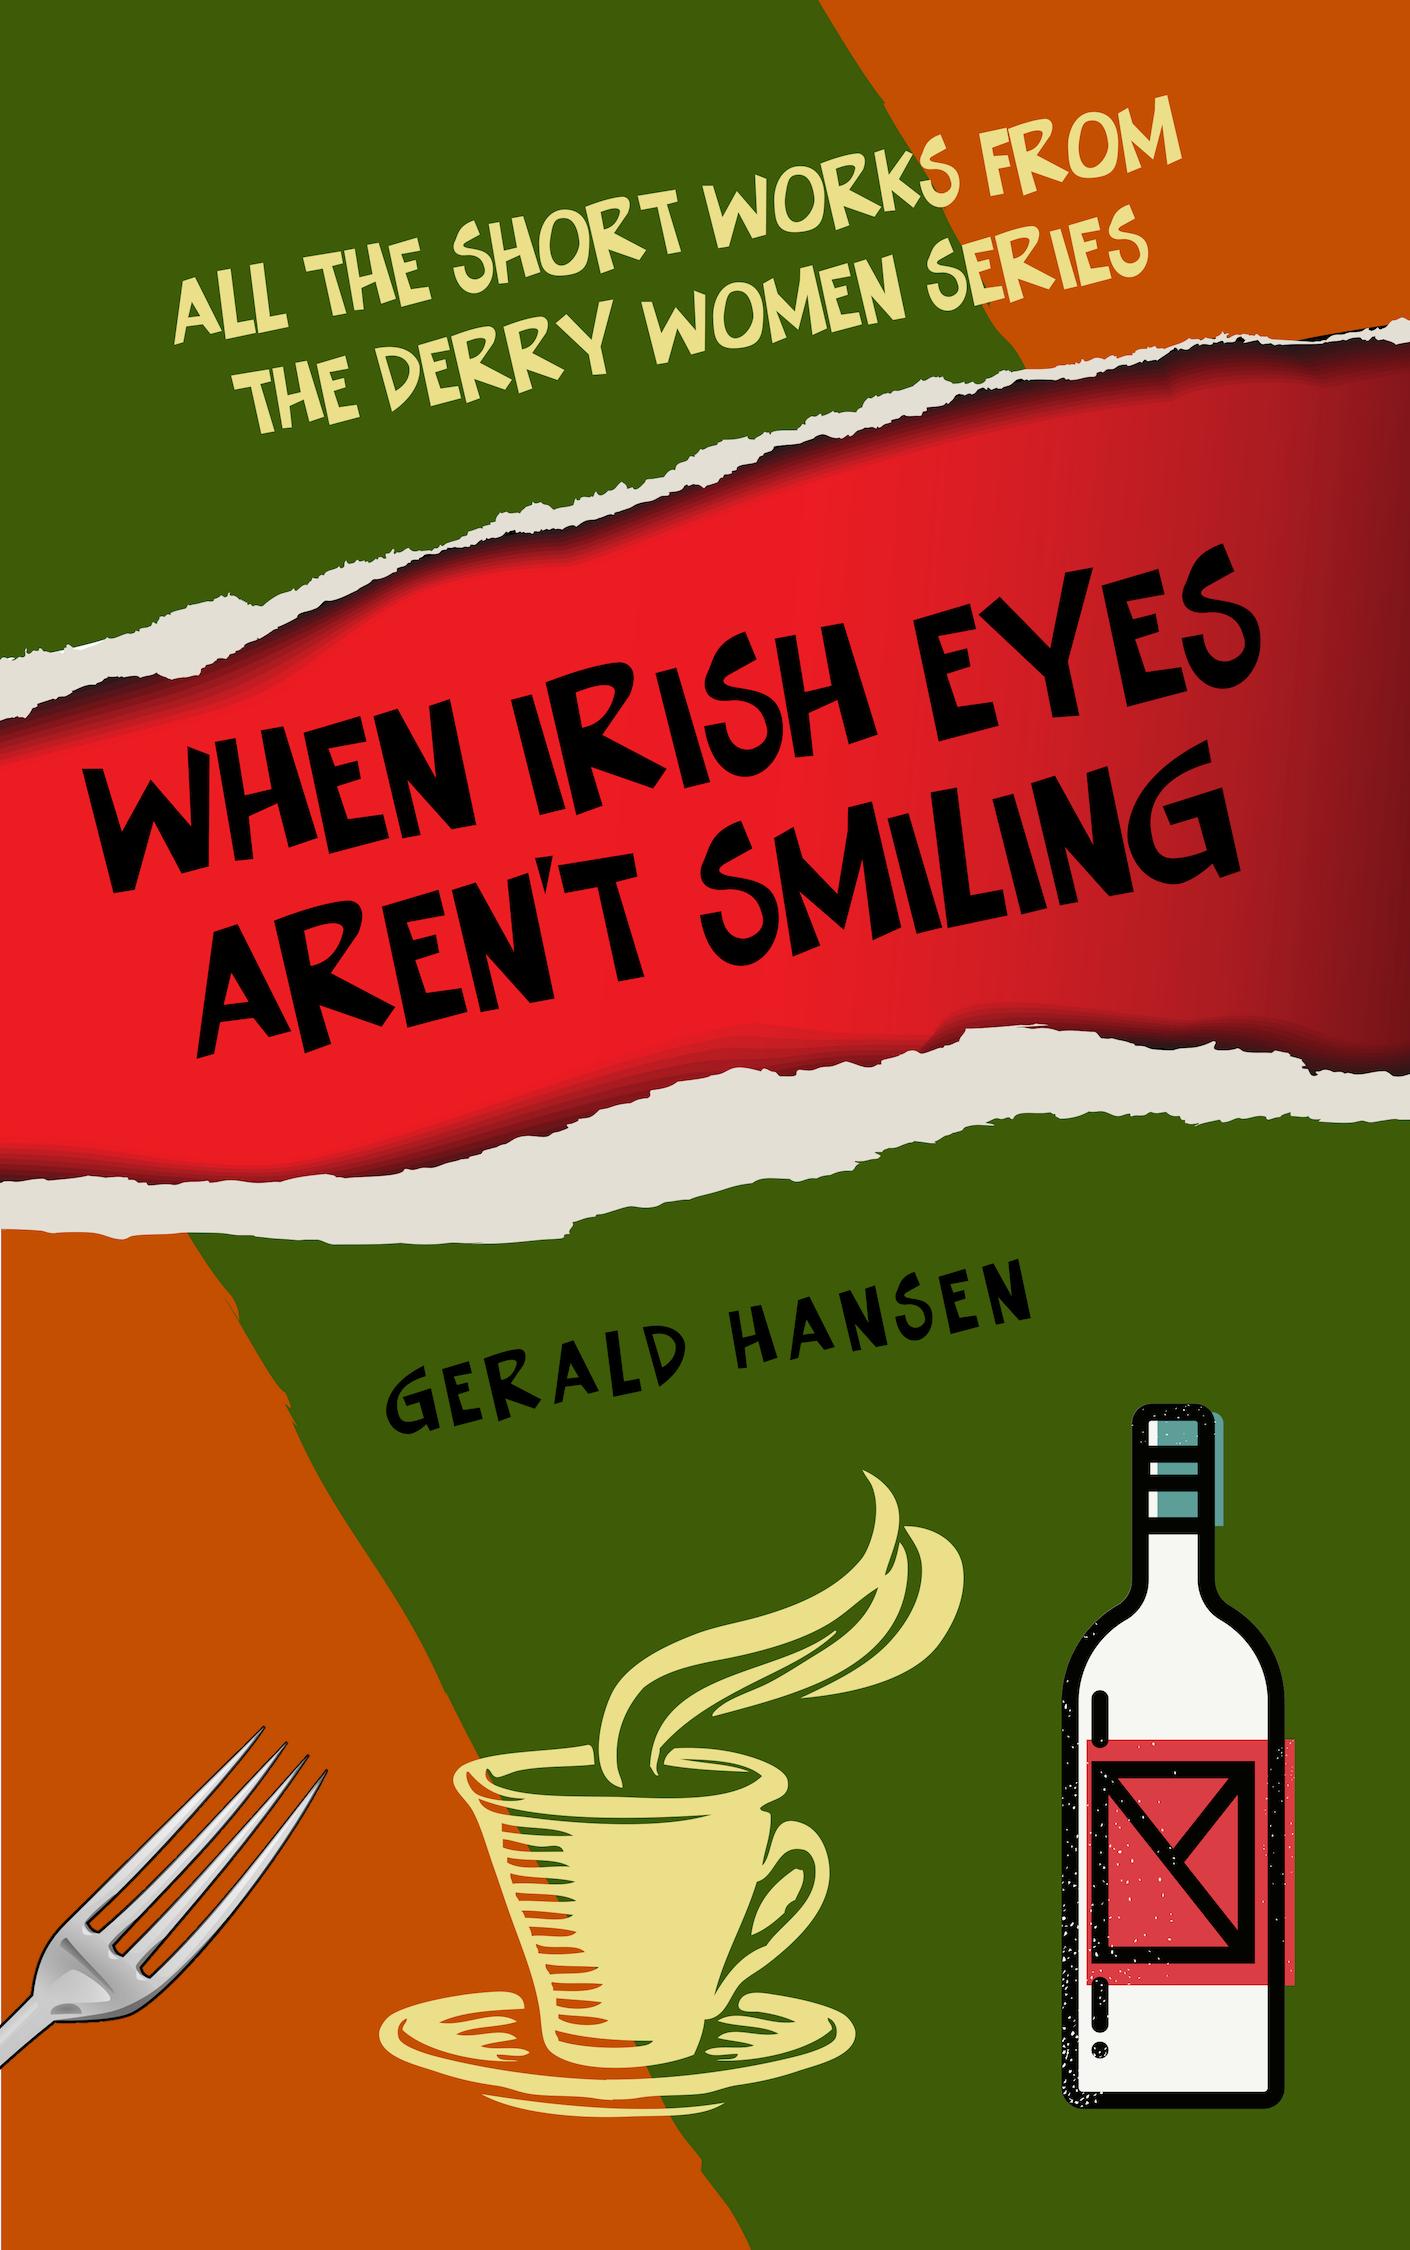 When Irish Eyes Aren't Smiling